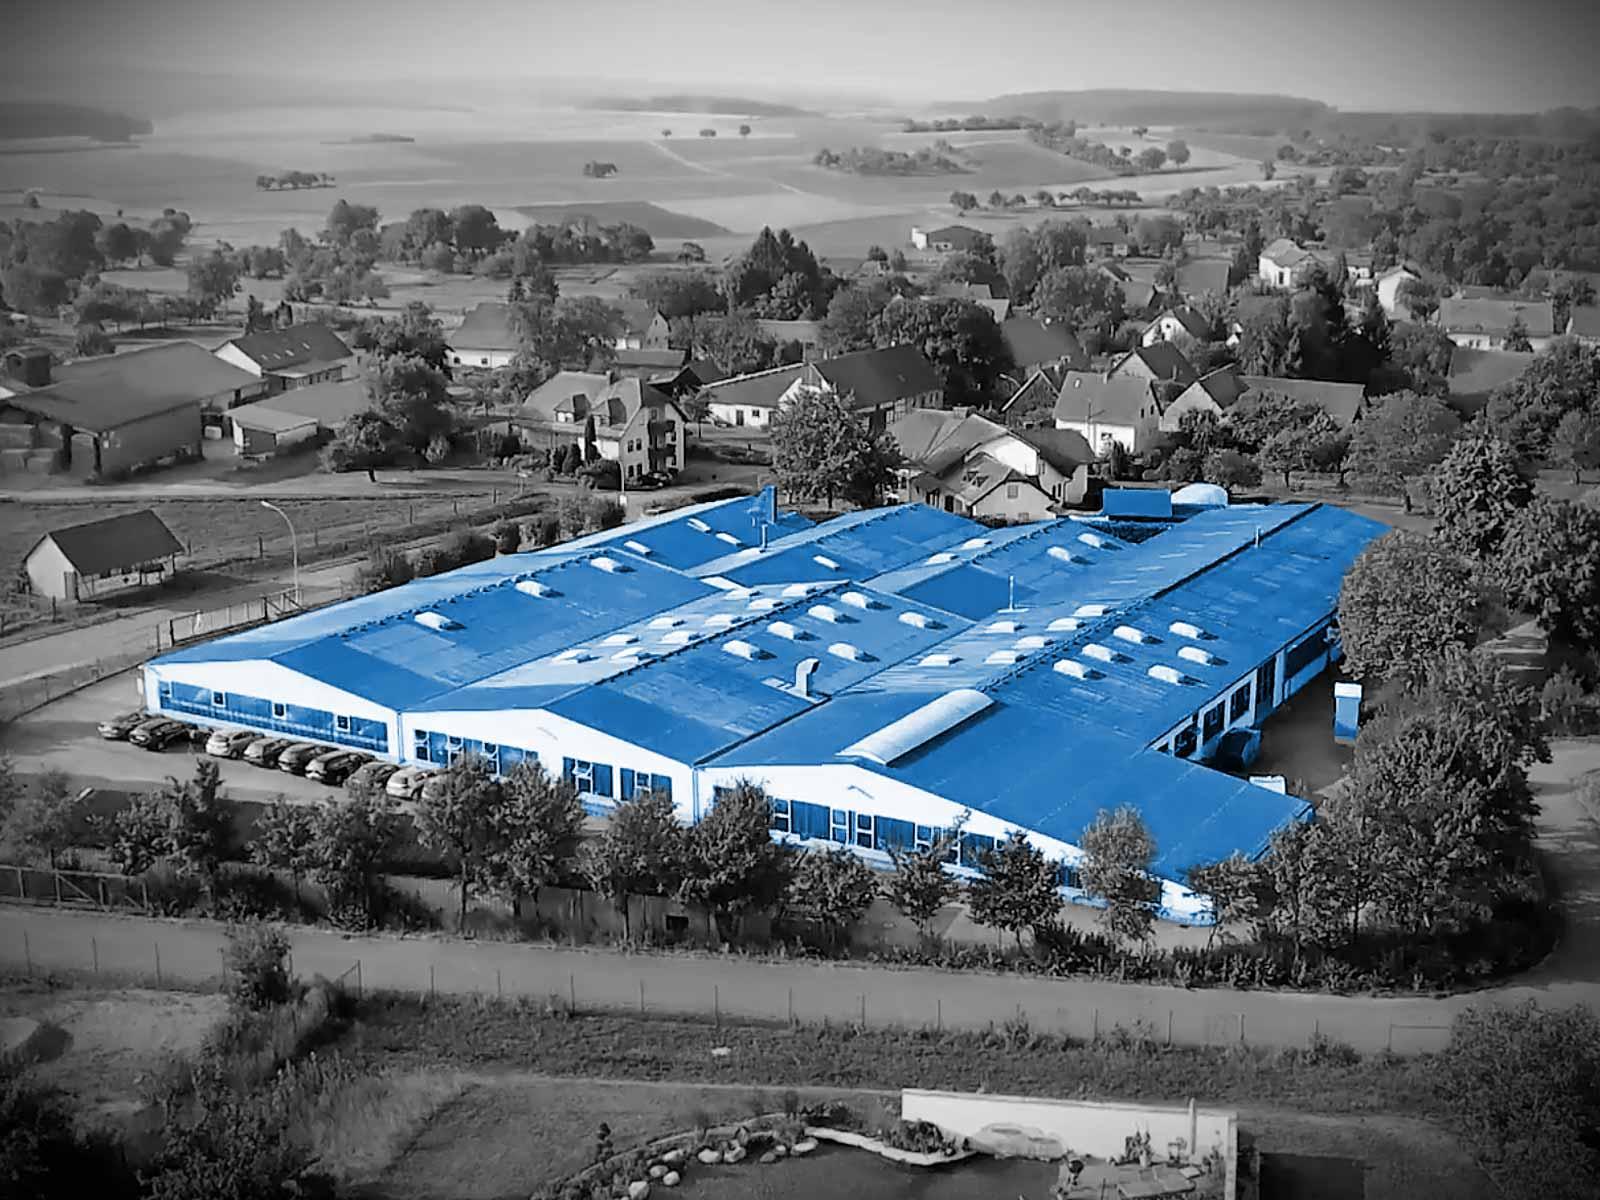 Frey Schrauben GmbH • Normschrauben, Sonderschrauben, Schrauben Beschichtungen, Schrauben Veredelungen und Schrauben nach Zeichnung